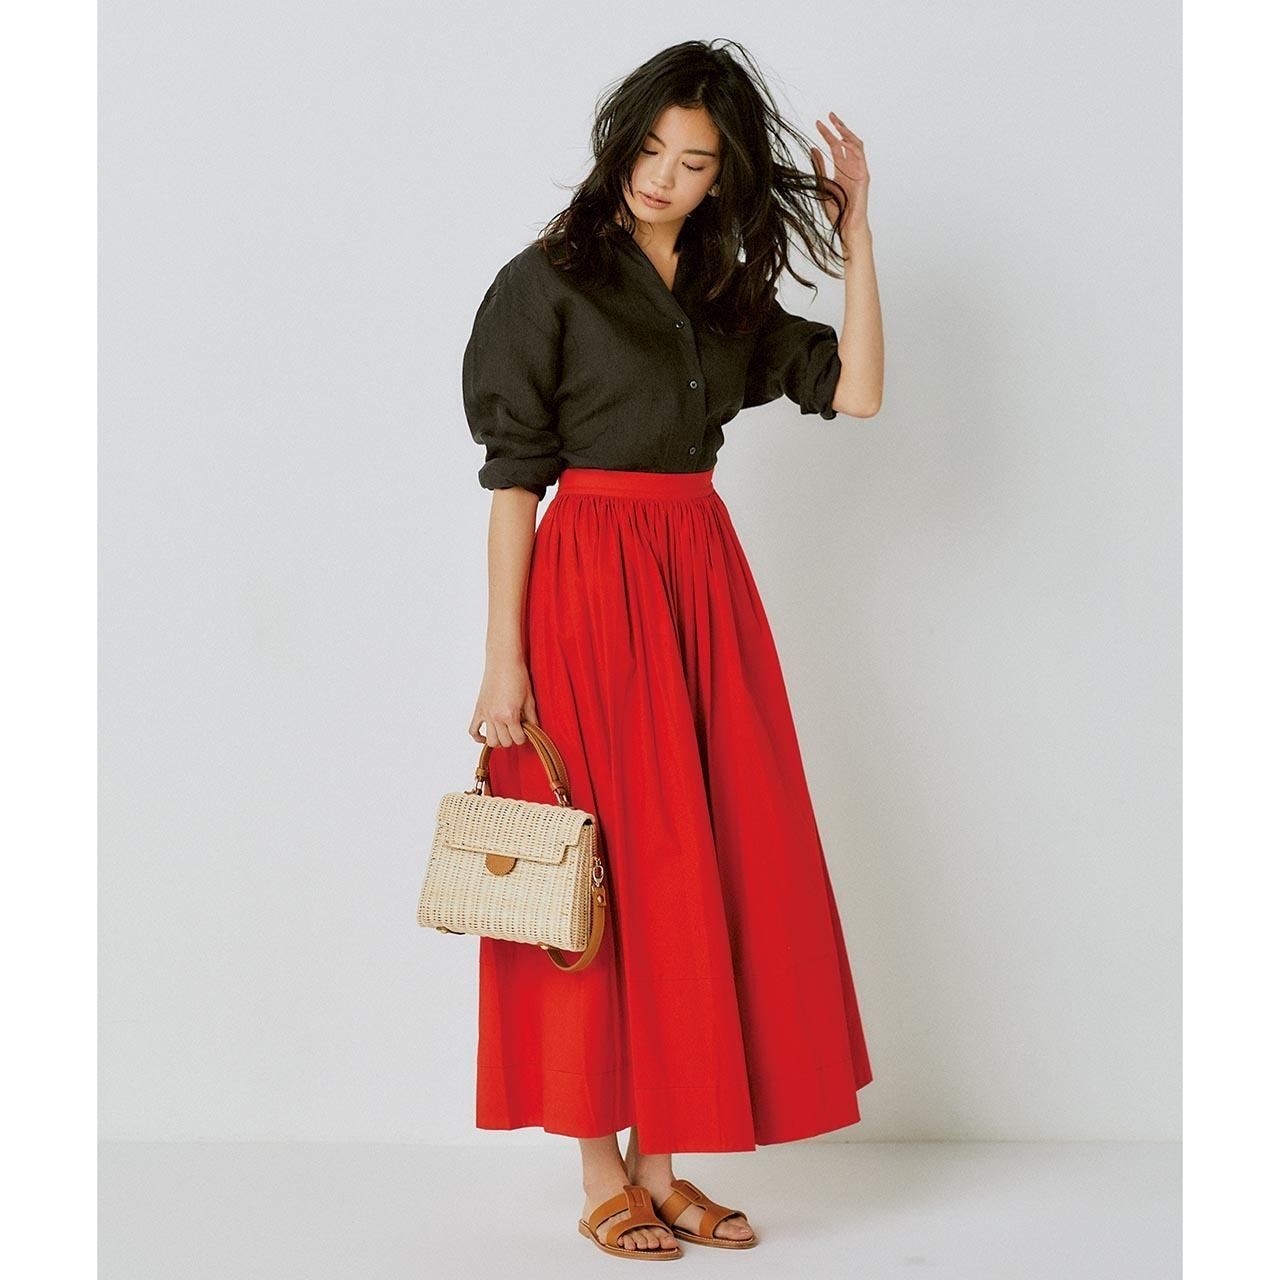 リネンのブラウンシャツ×赤いロングスカートコーデを着たモデルの矢野未希子さん